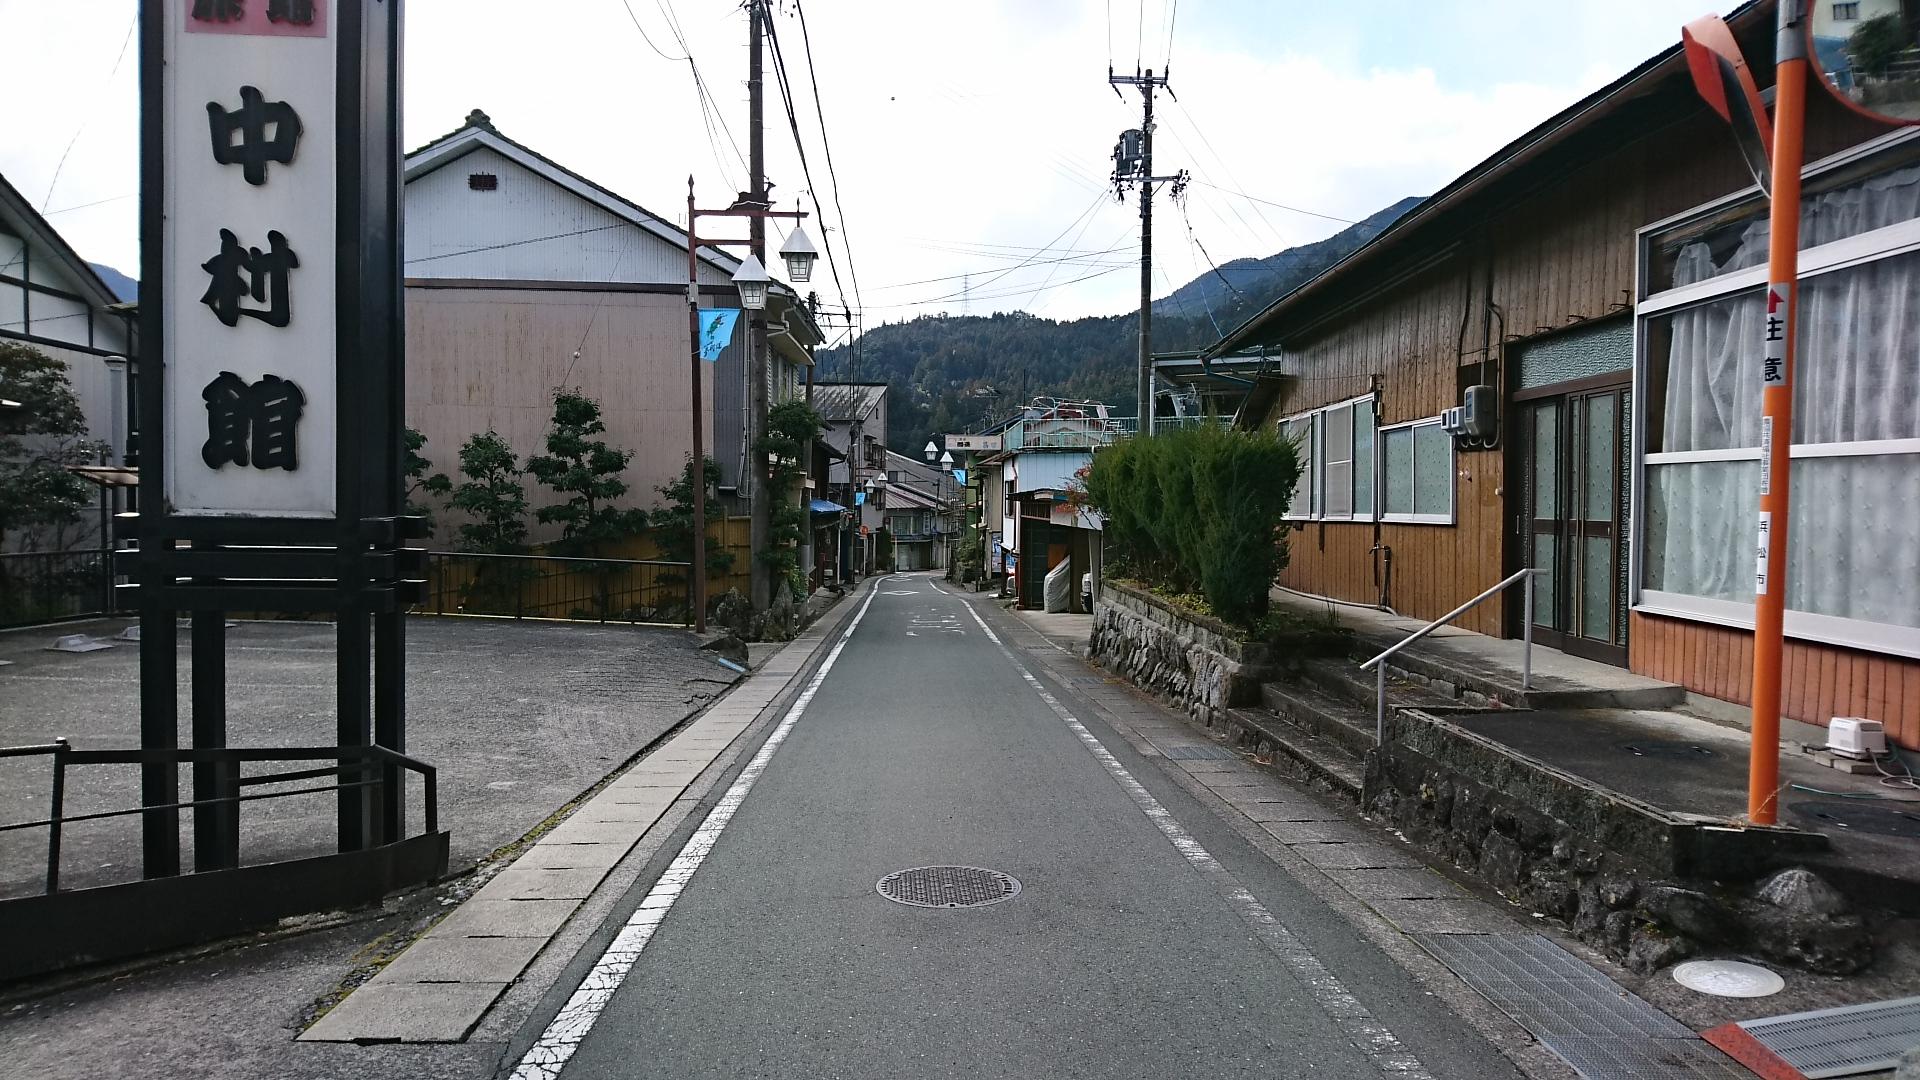 2018.1.11 みさくぼ (175) ゆめかいどう - 中村館 1920-1080